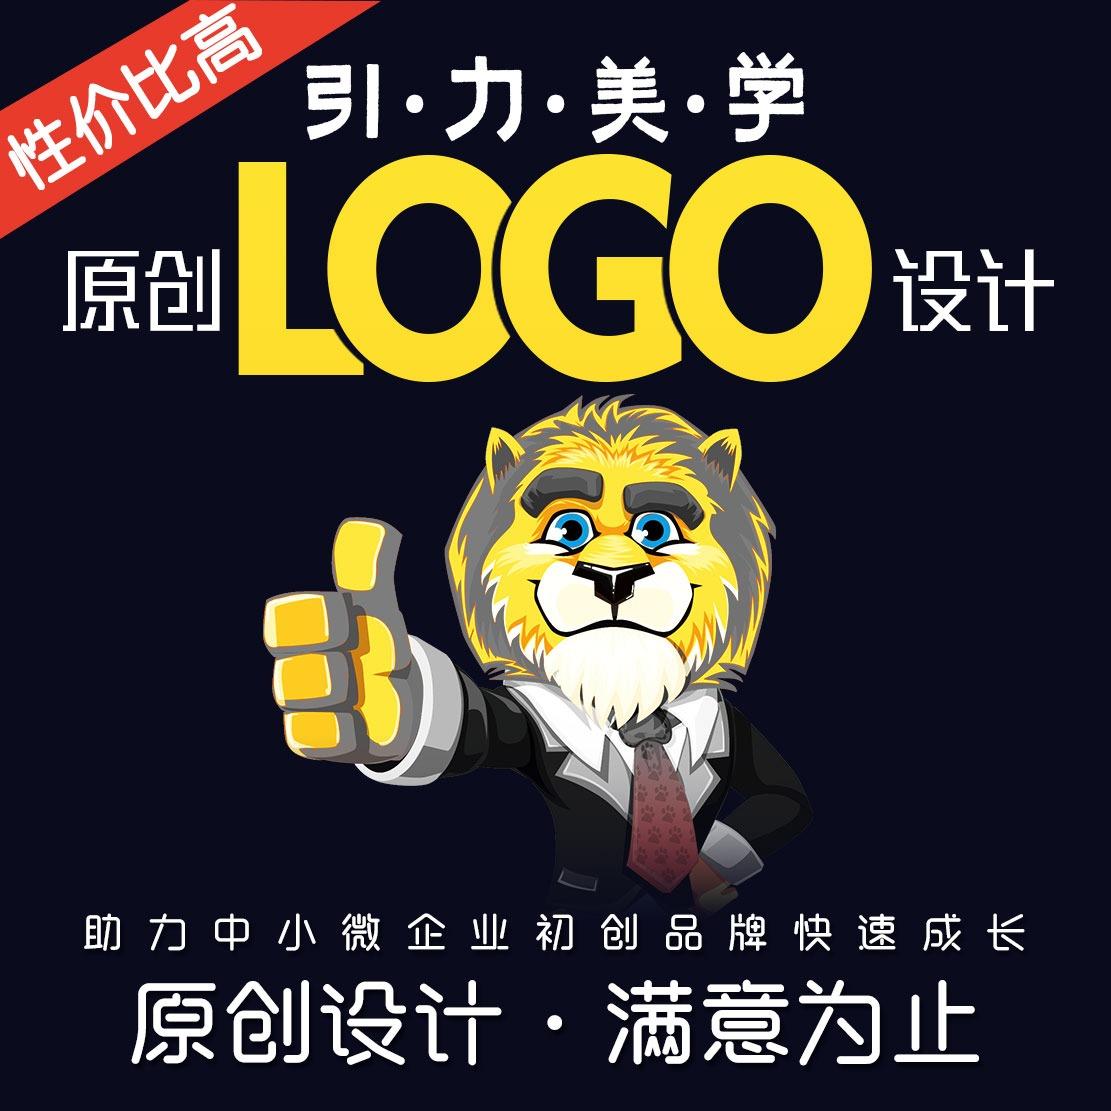 餐饮公司企业互联网食品饮料图形图文门店图标志卡通LOGO设计